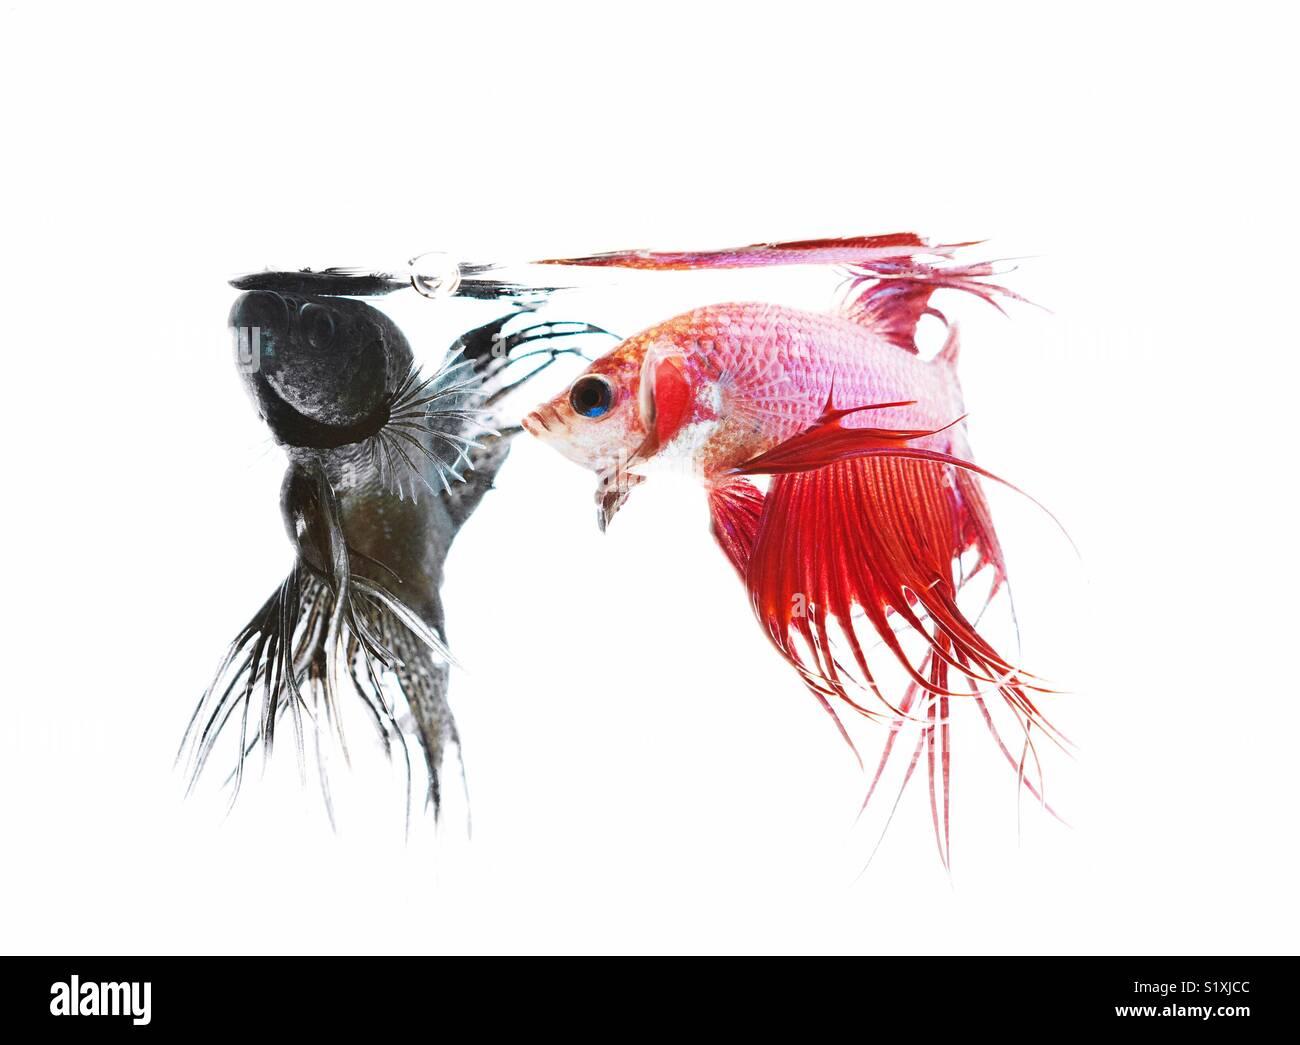 Black Betta fish and Red Betta fish Stock Photo